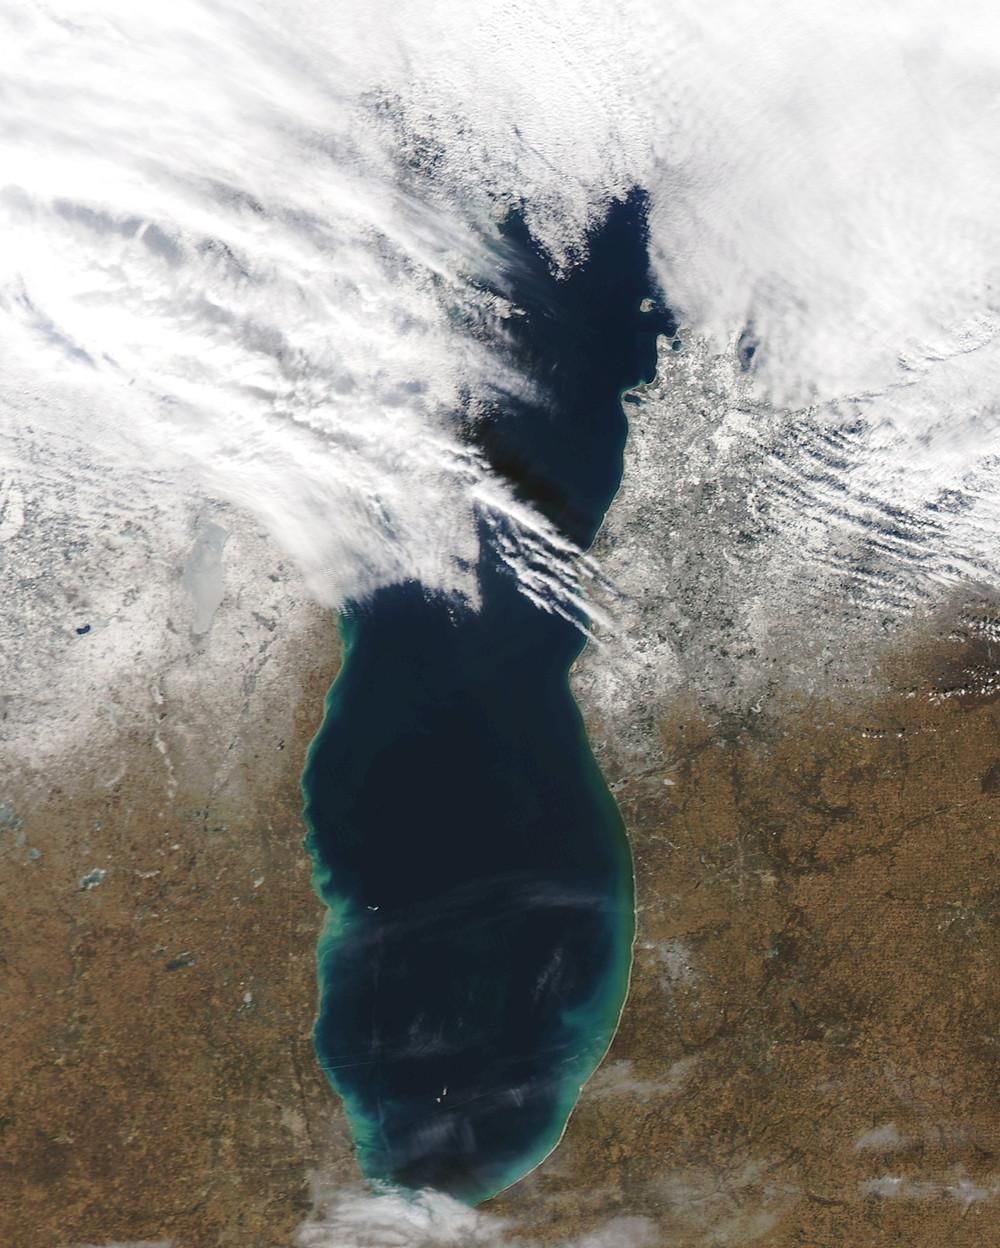 MODIS-Lake Michigan-2016 February 20